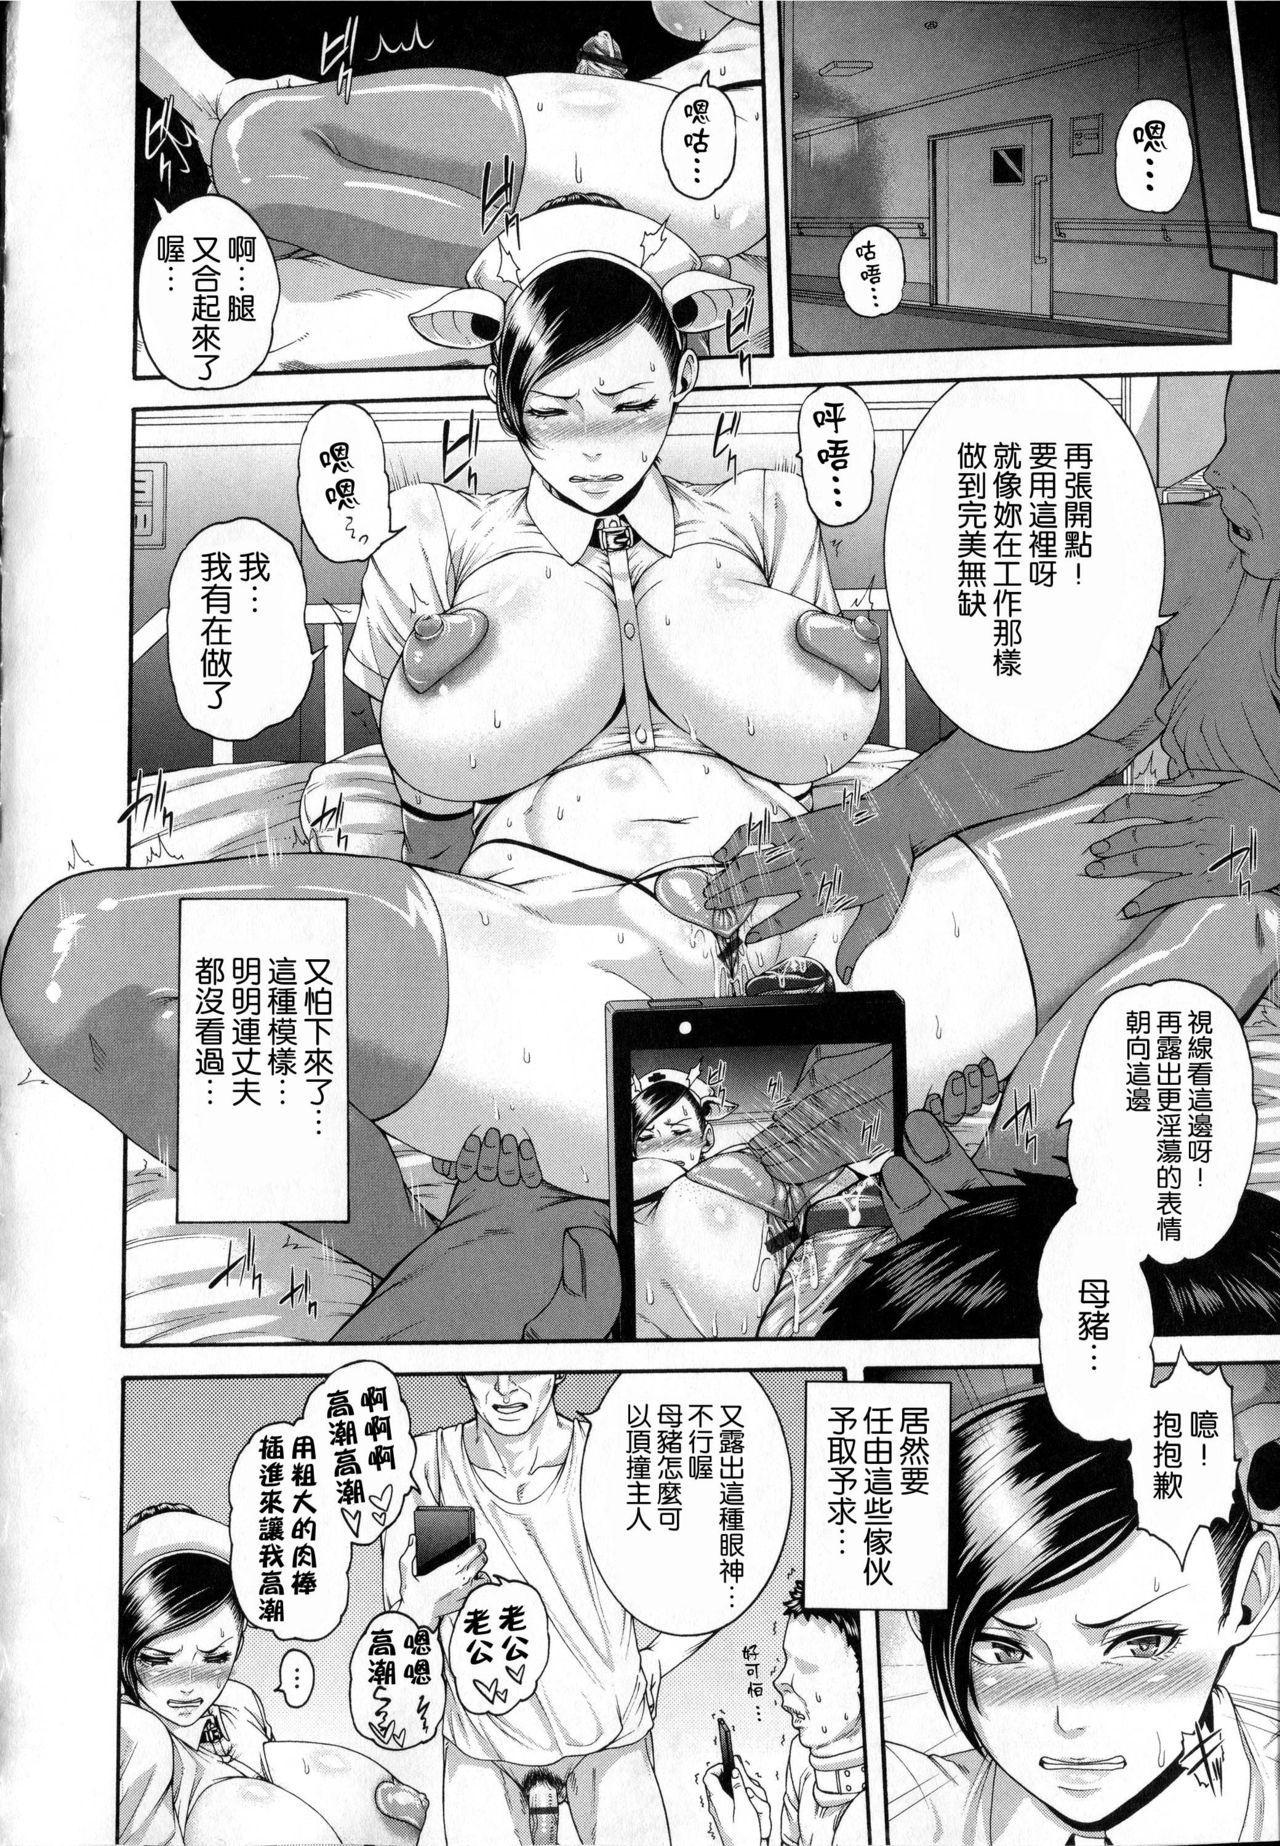 Shitsukeai 35